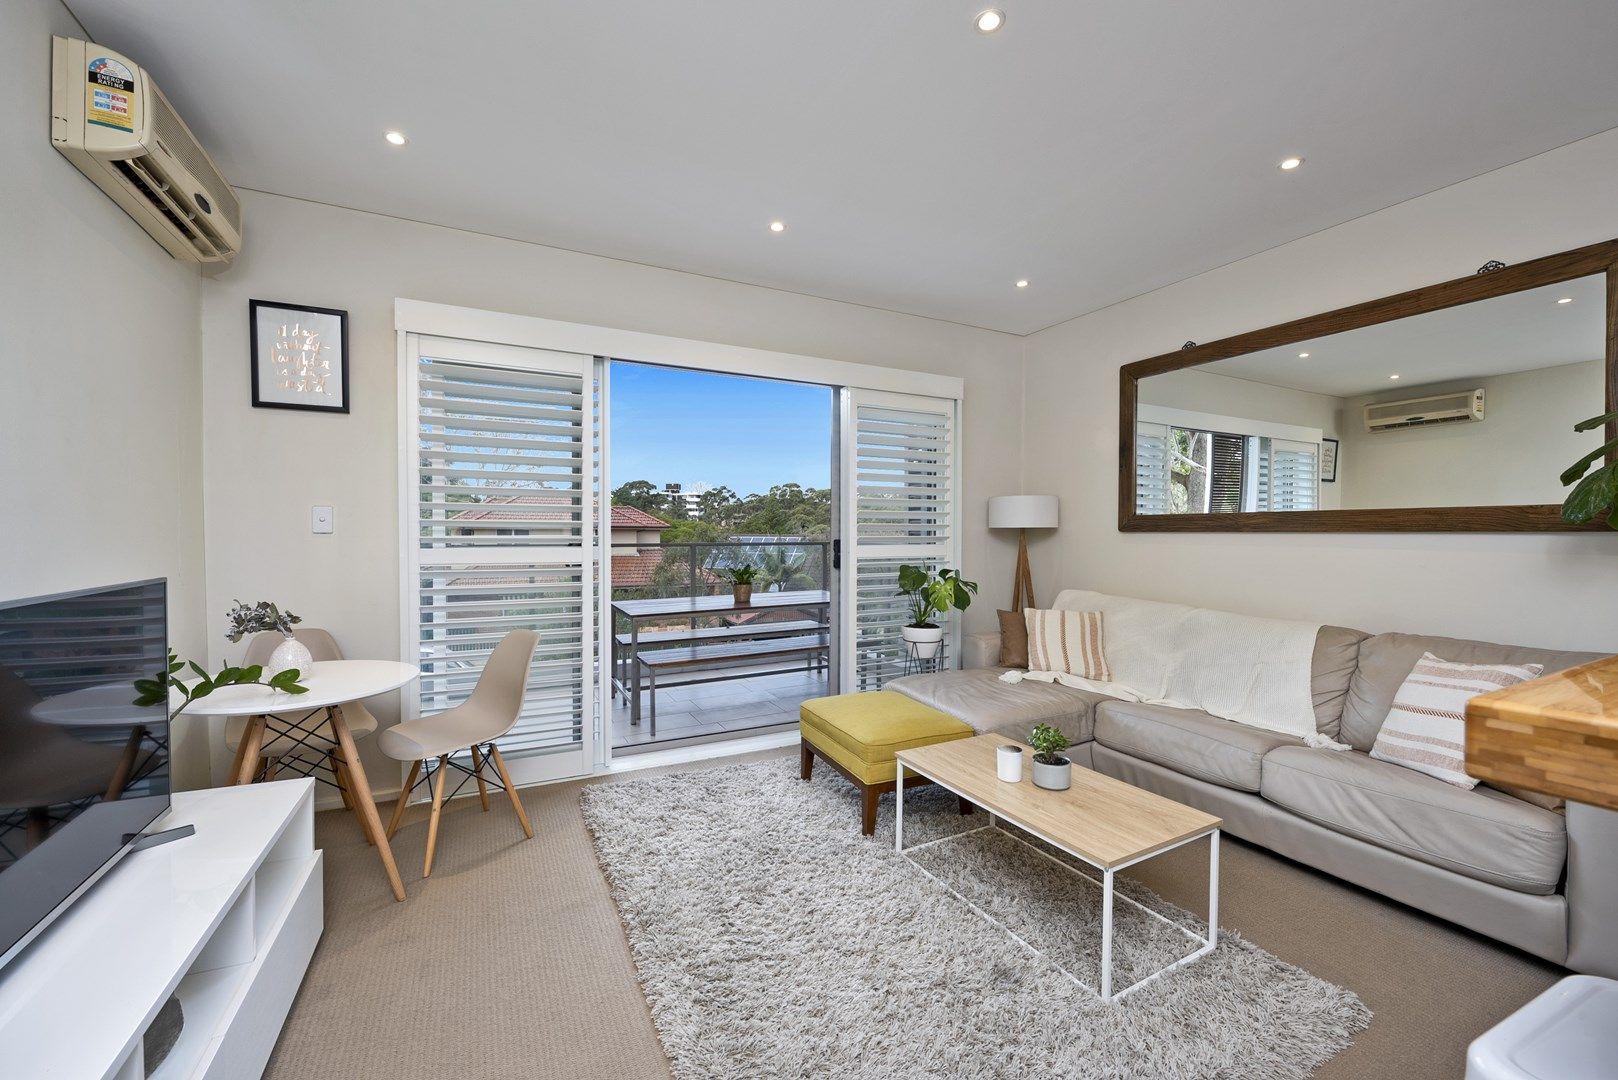 10/396 Mowbray  Road, Lane Cove NSW 2066, Image 0